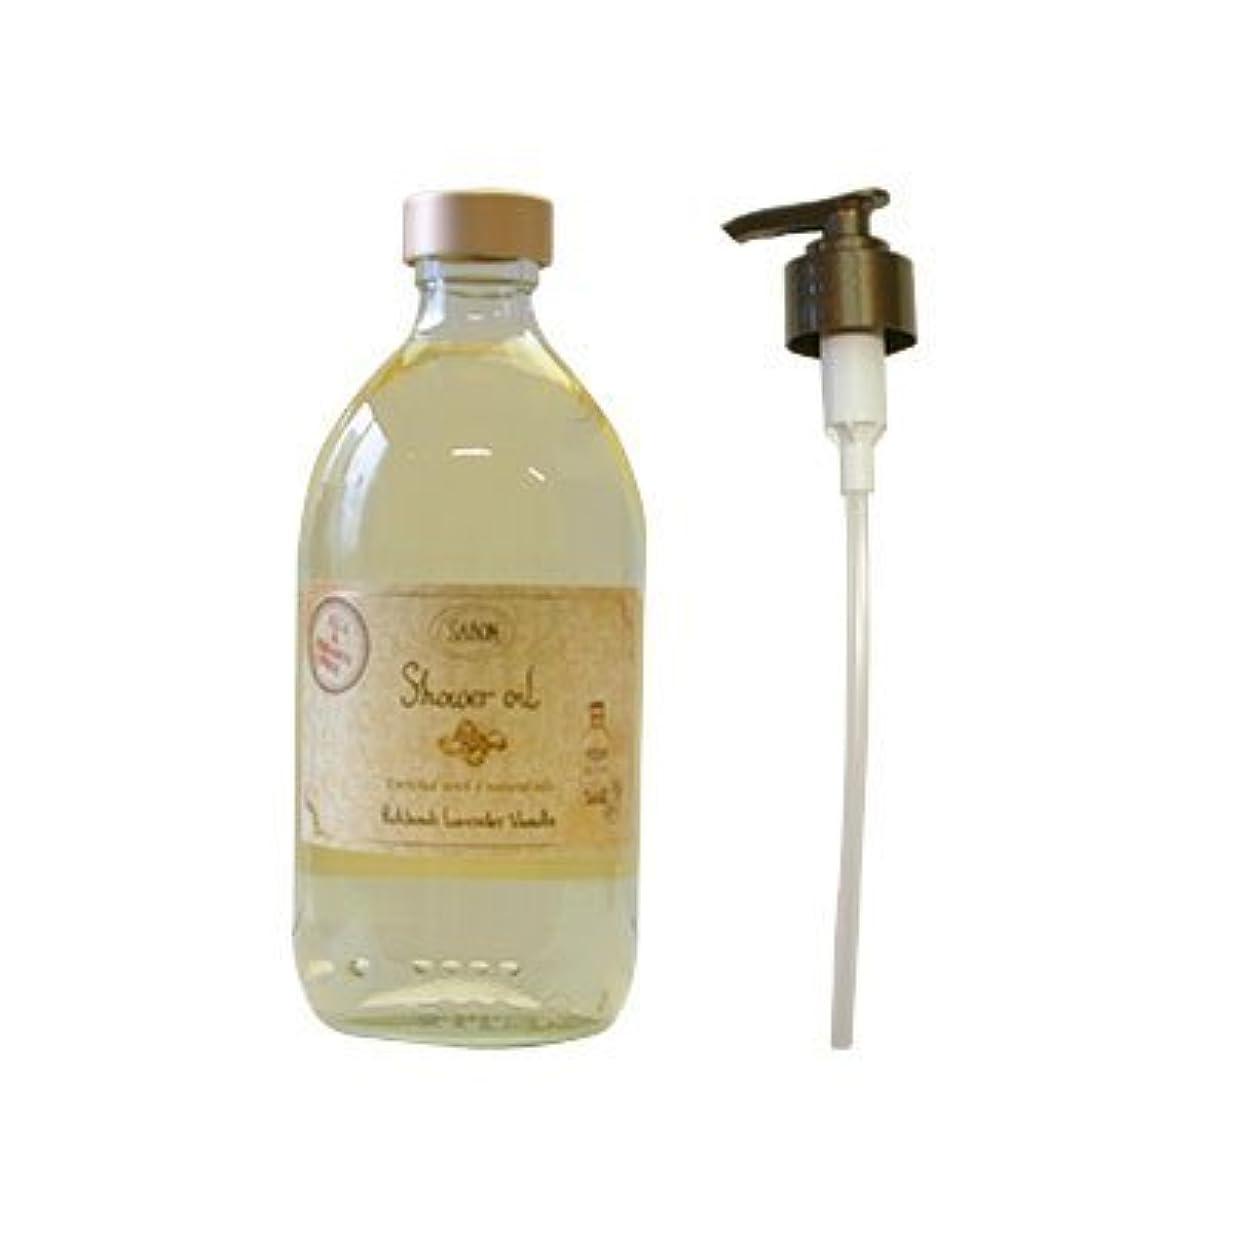 賞賛するパワーホバートサボン(SABON) シャワーオイル パチュリラベンダーバニラ 500ml[並行輸入品]